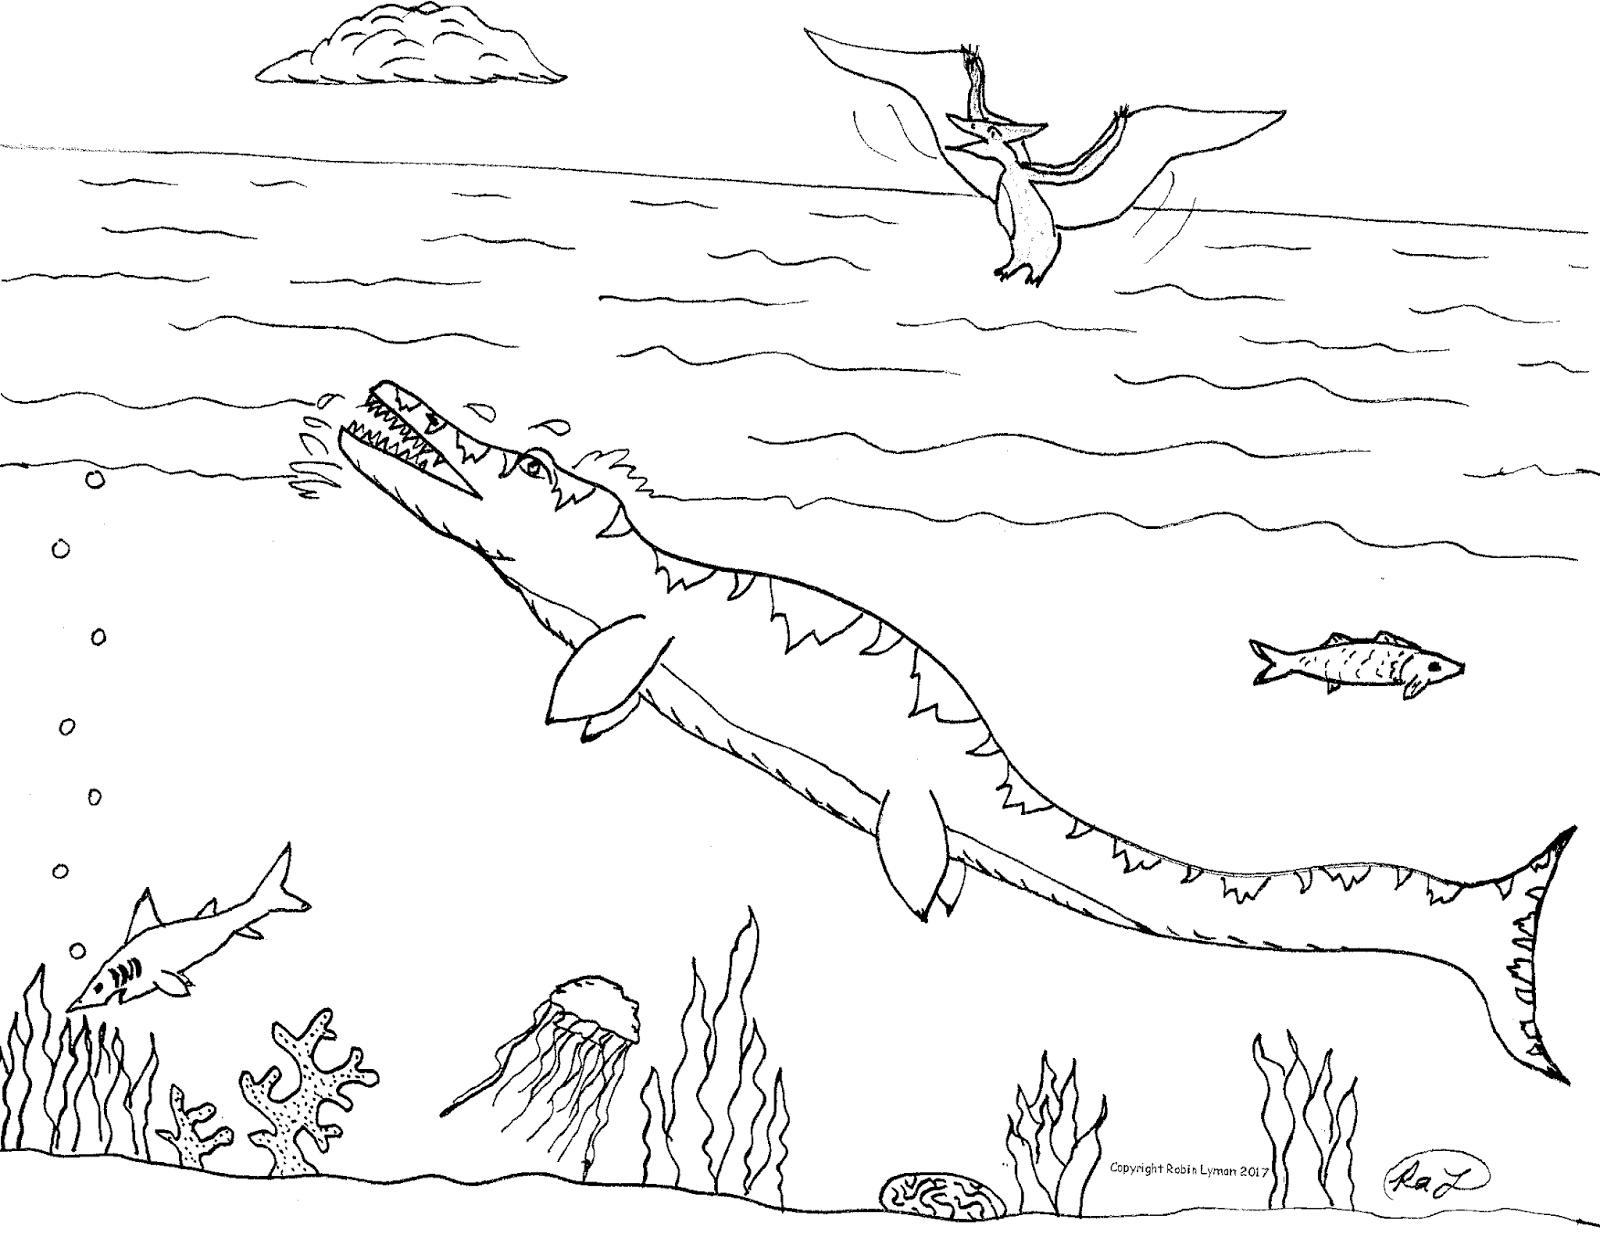 pliosaurus coloring pages | Liopleurodon Coloring Pages Coloring Pages